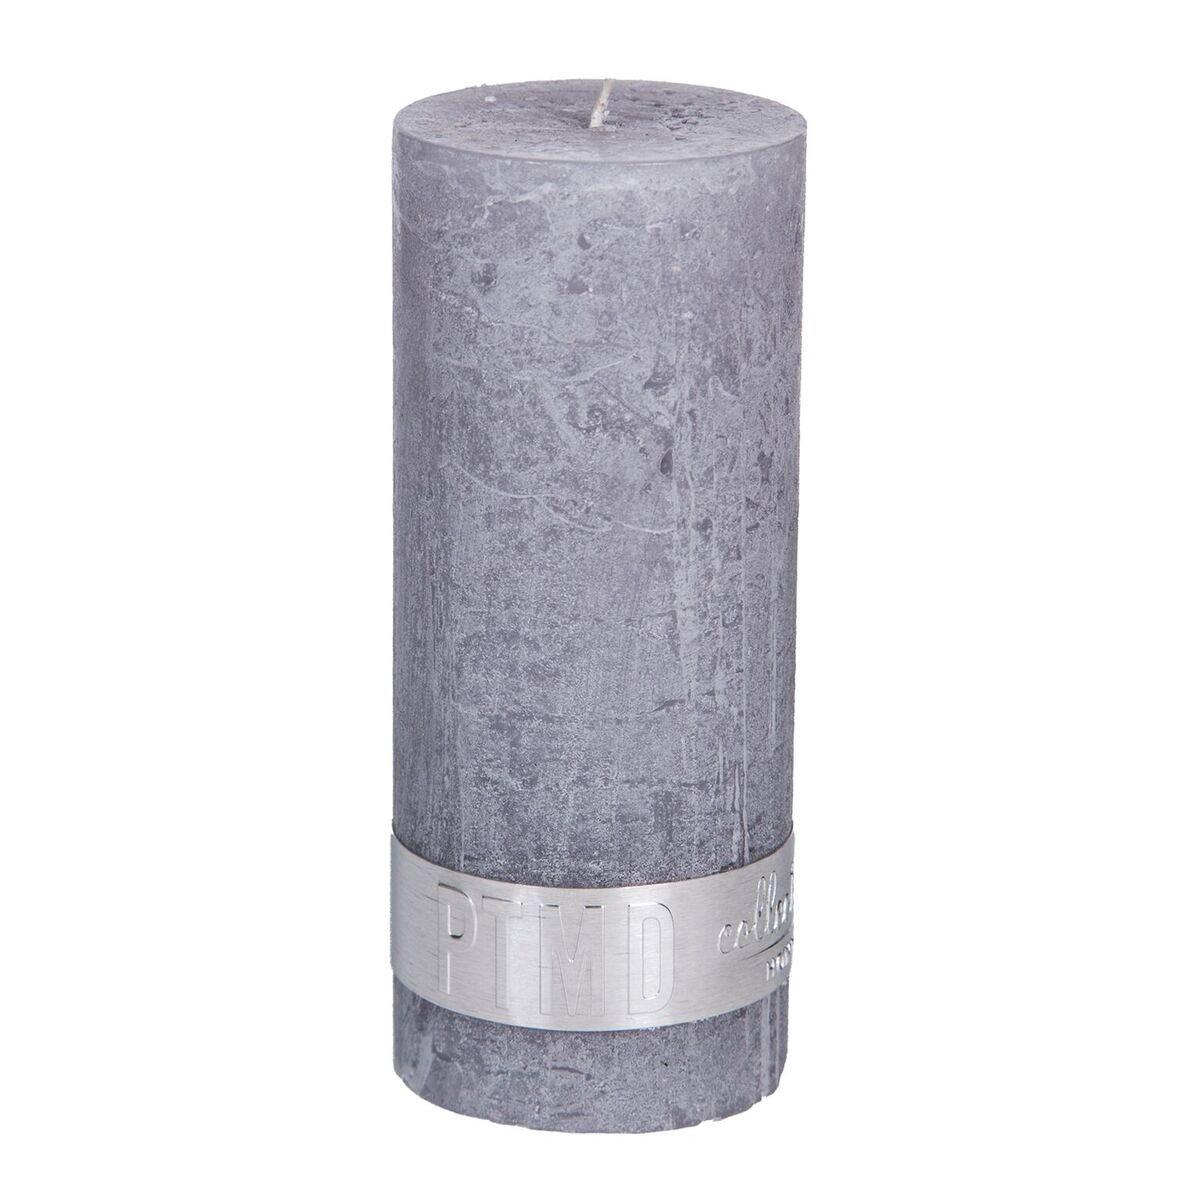 PTMD Kaars suede grey 12x5cm